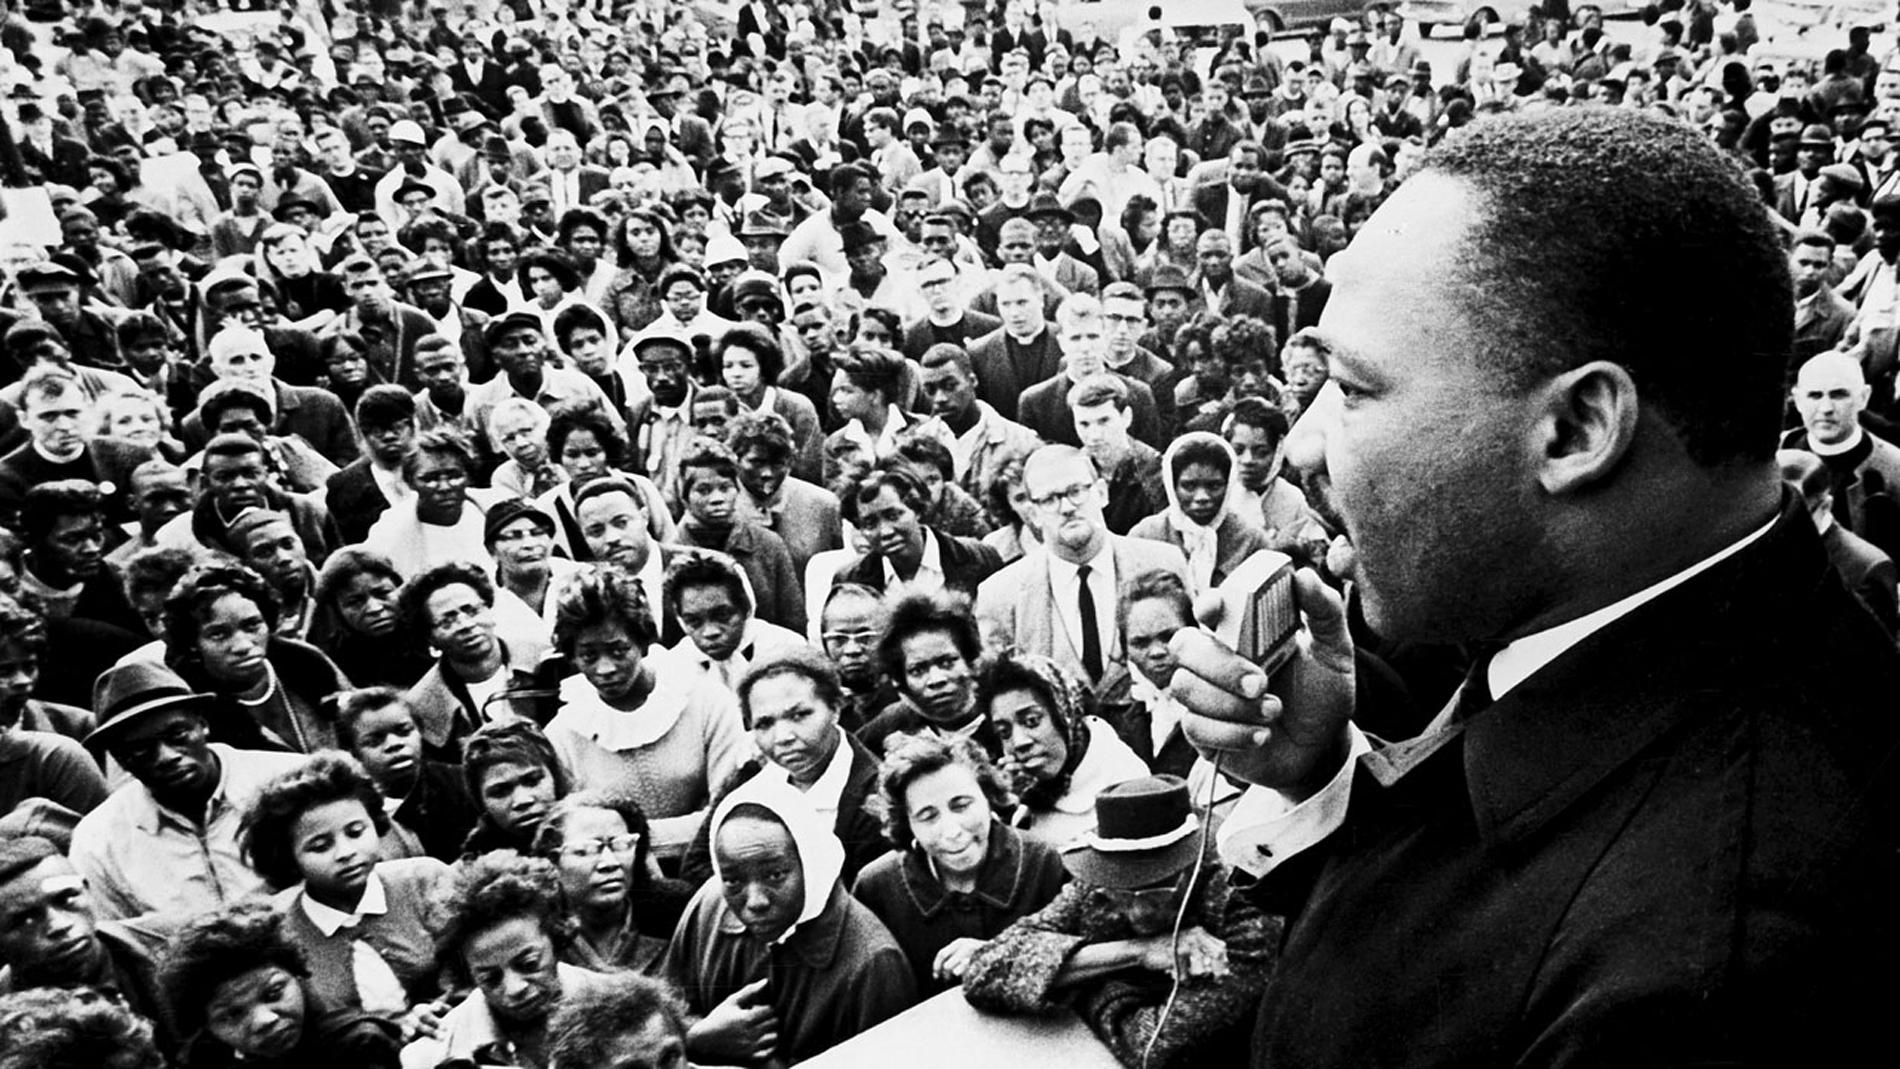 Ir al VideoLa igualdad racial, el sueño sin cumplir de Martin Luther King